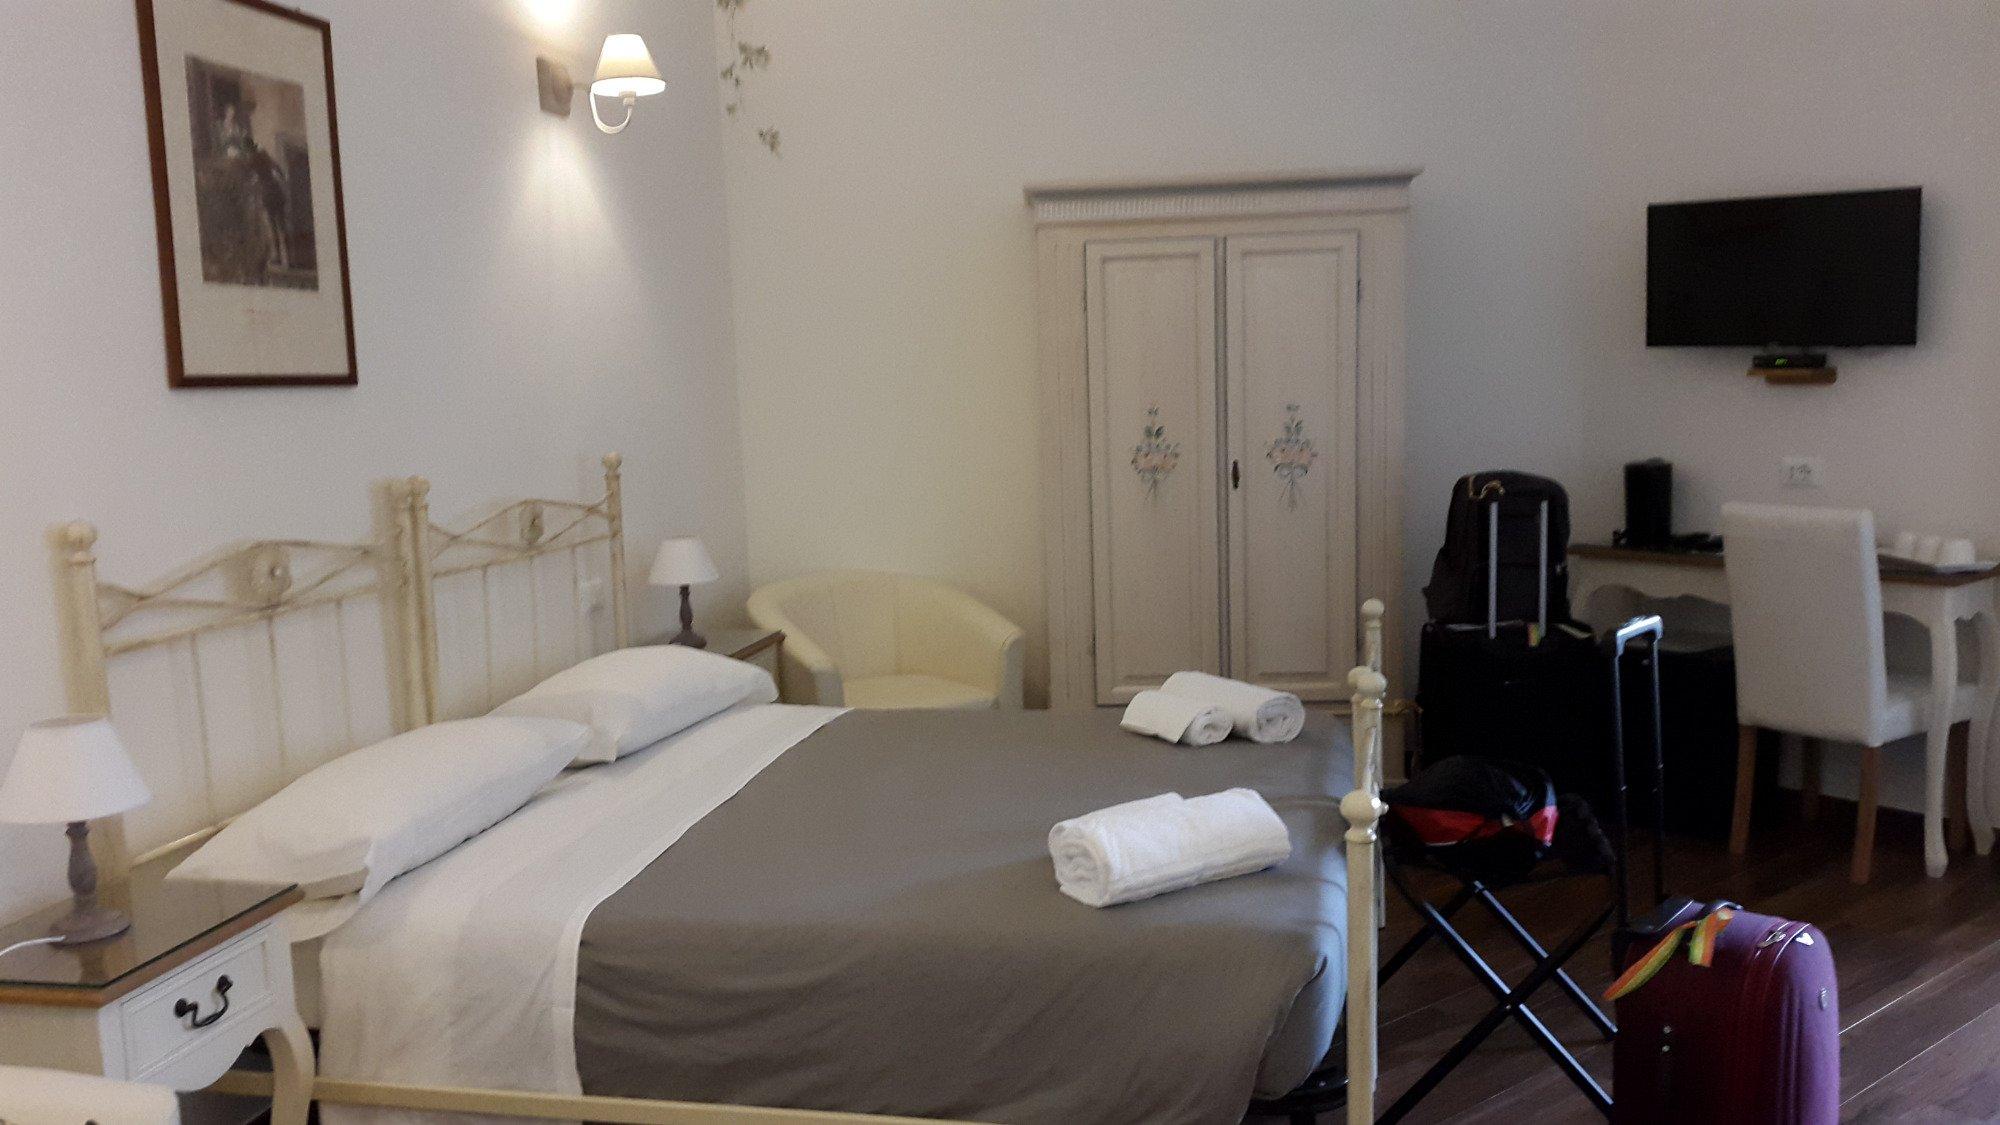 15 beautiful chambre d hote rome pas cher gocchiase for Chambre d hote paris pas cher